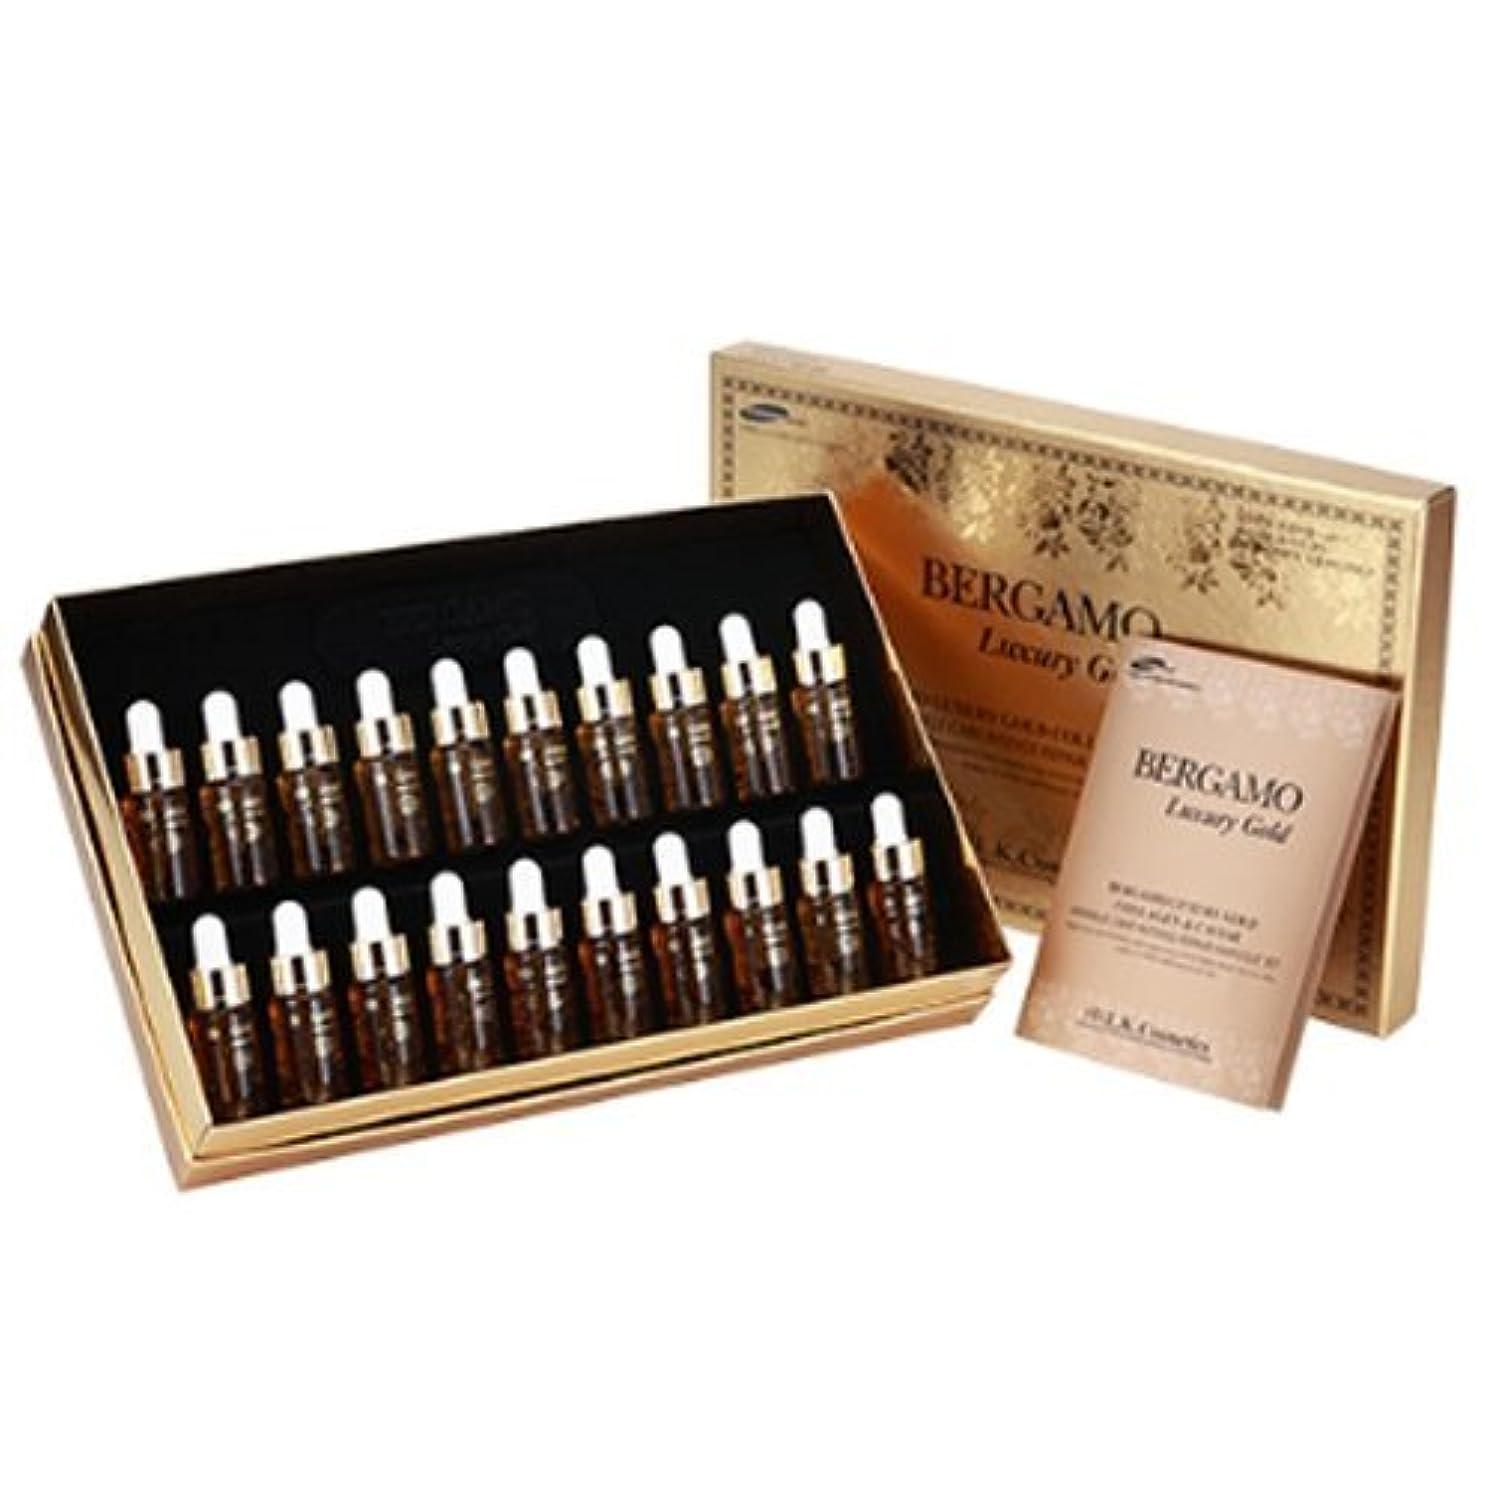 どれベンチャー取り扱いベルガモ[韓国コスメBergamo]Gold Collagen Ampoule Set ゴールドコラーゲン高濃縮アンプル20本セット13mlX20個[並行輸入品]